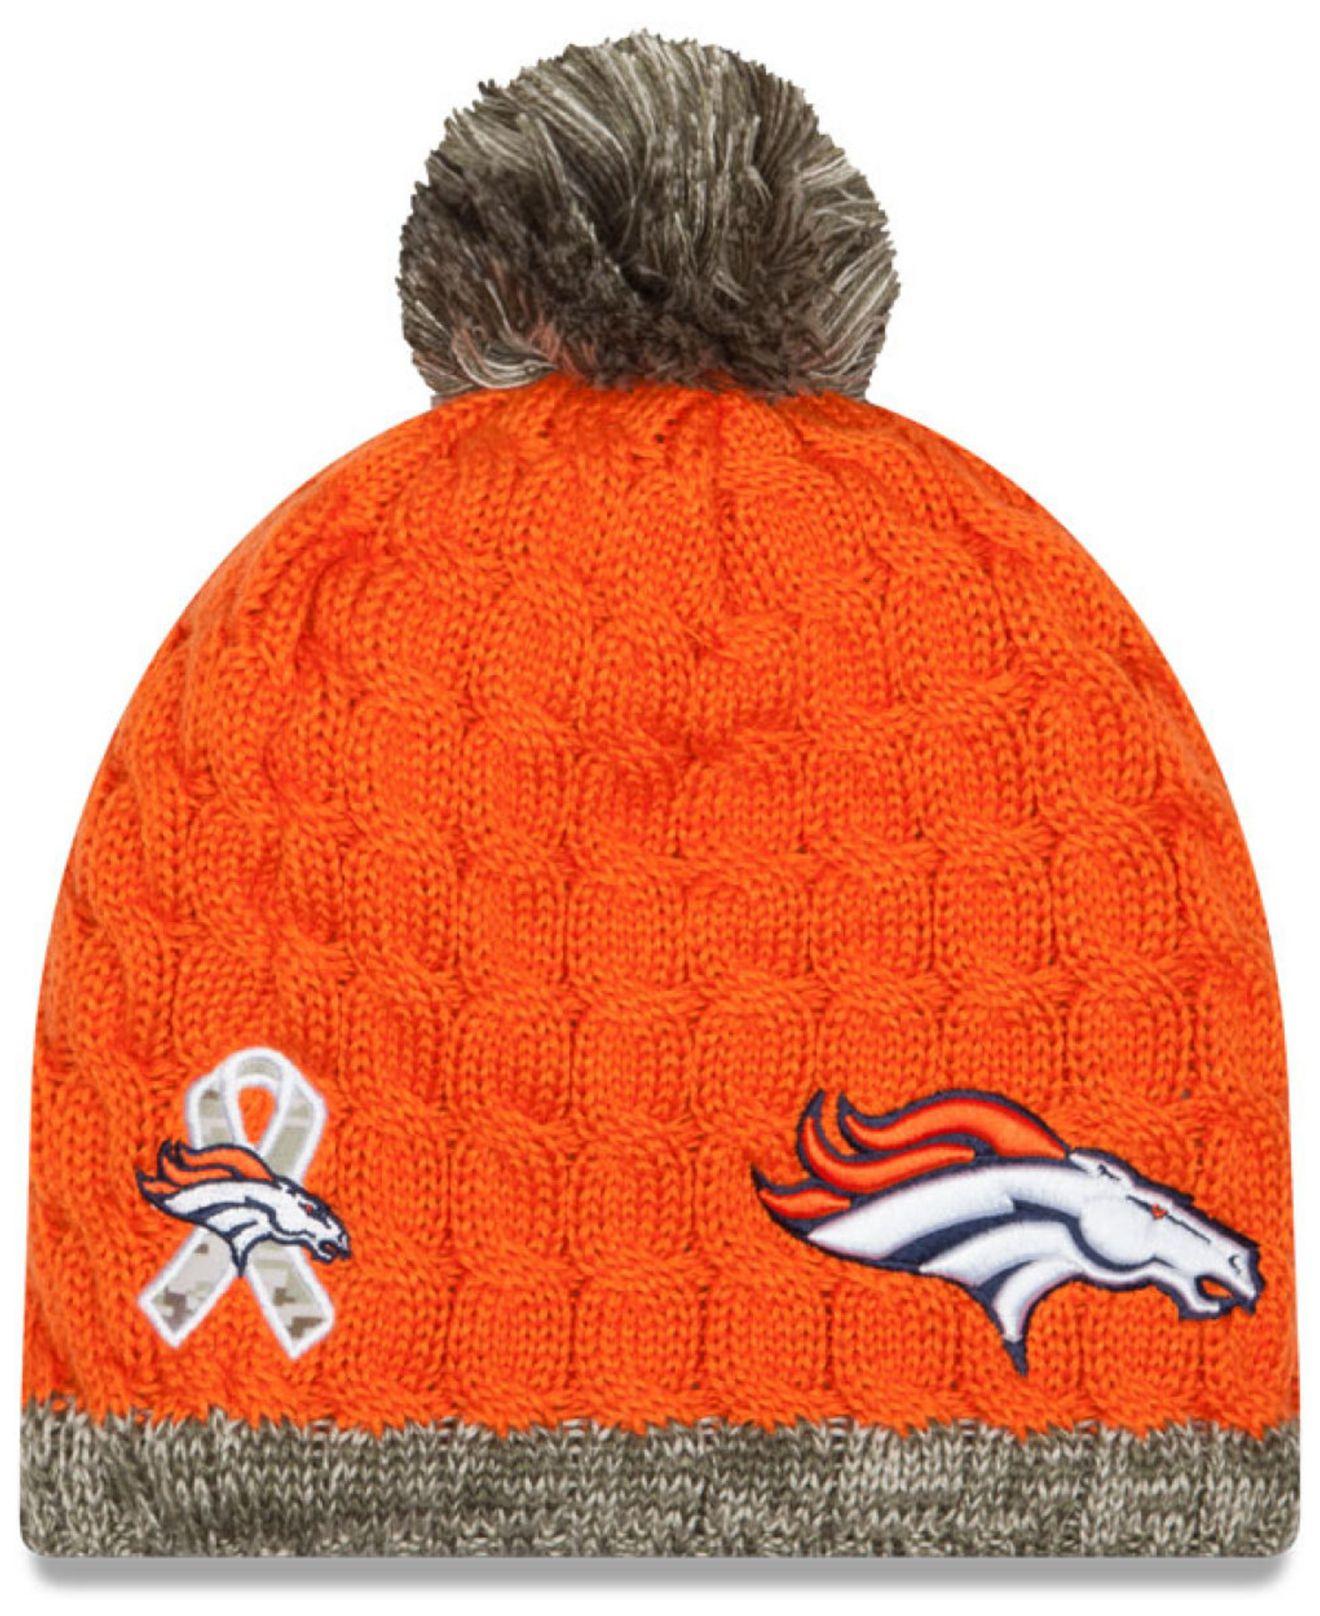 ... get lyst ktz womens denver broncos salute to service knit hat for men  e7e95 3b2e7 ac6819899